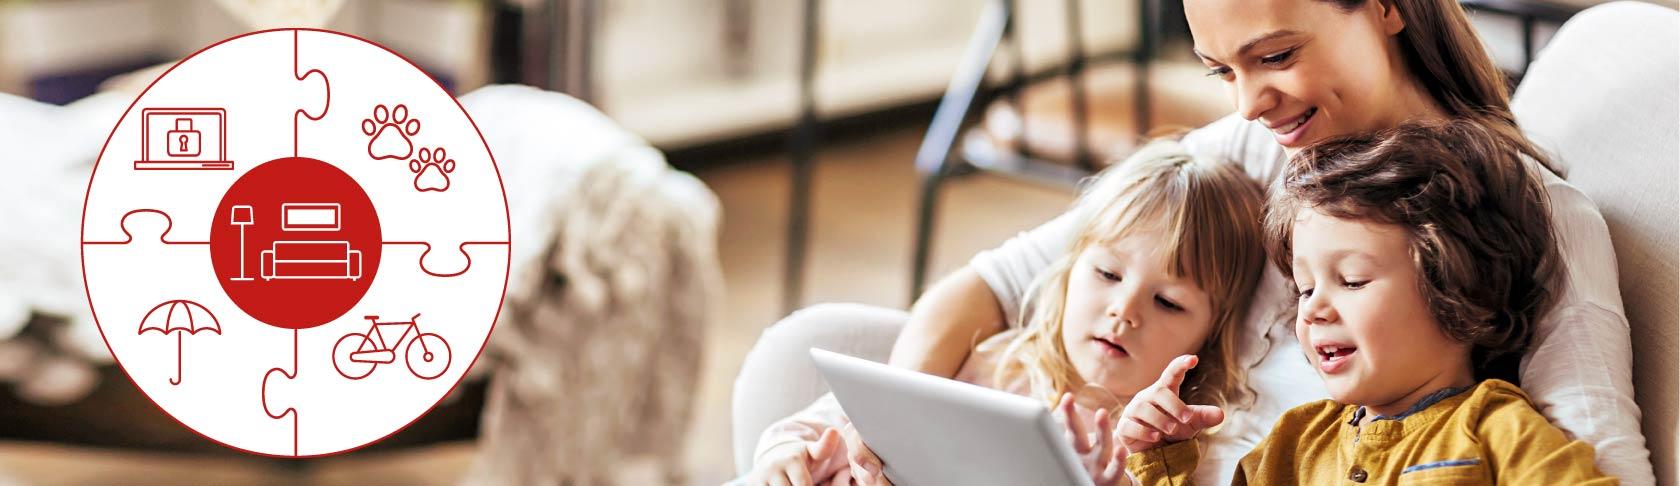 Assicurazione mobilia domestica prima flex generali for Mobilia domestica